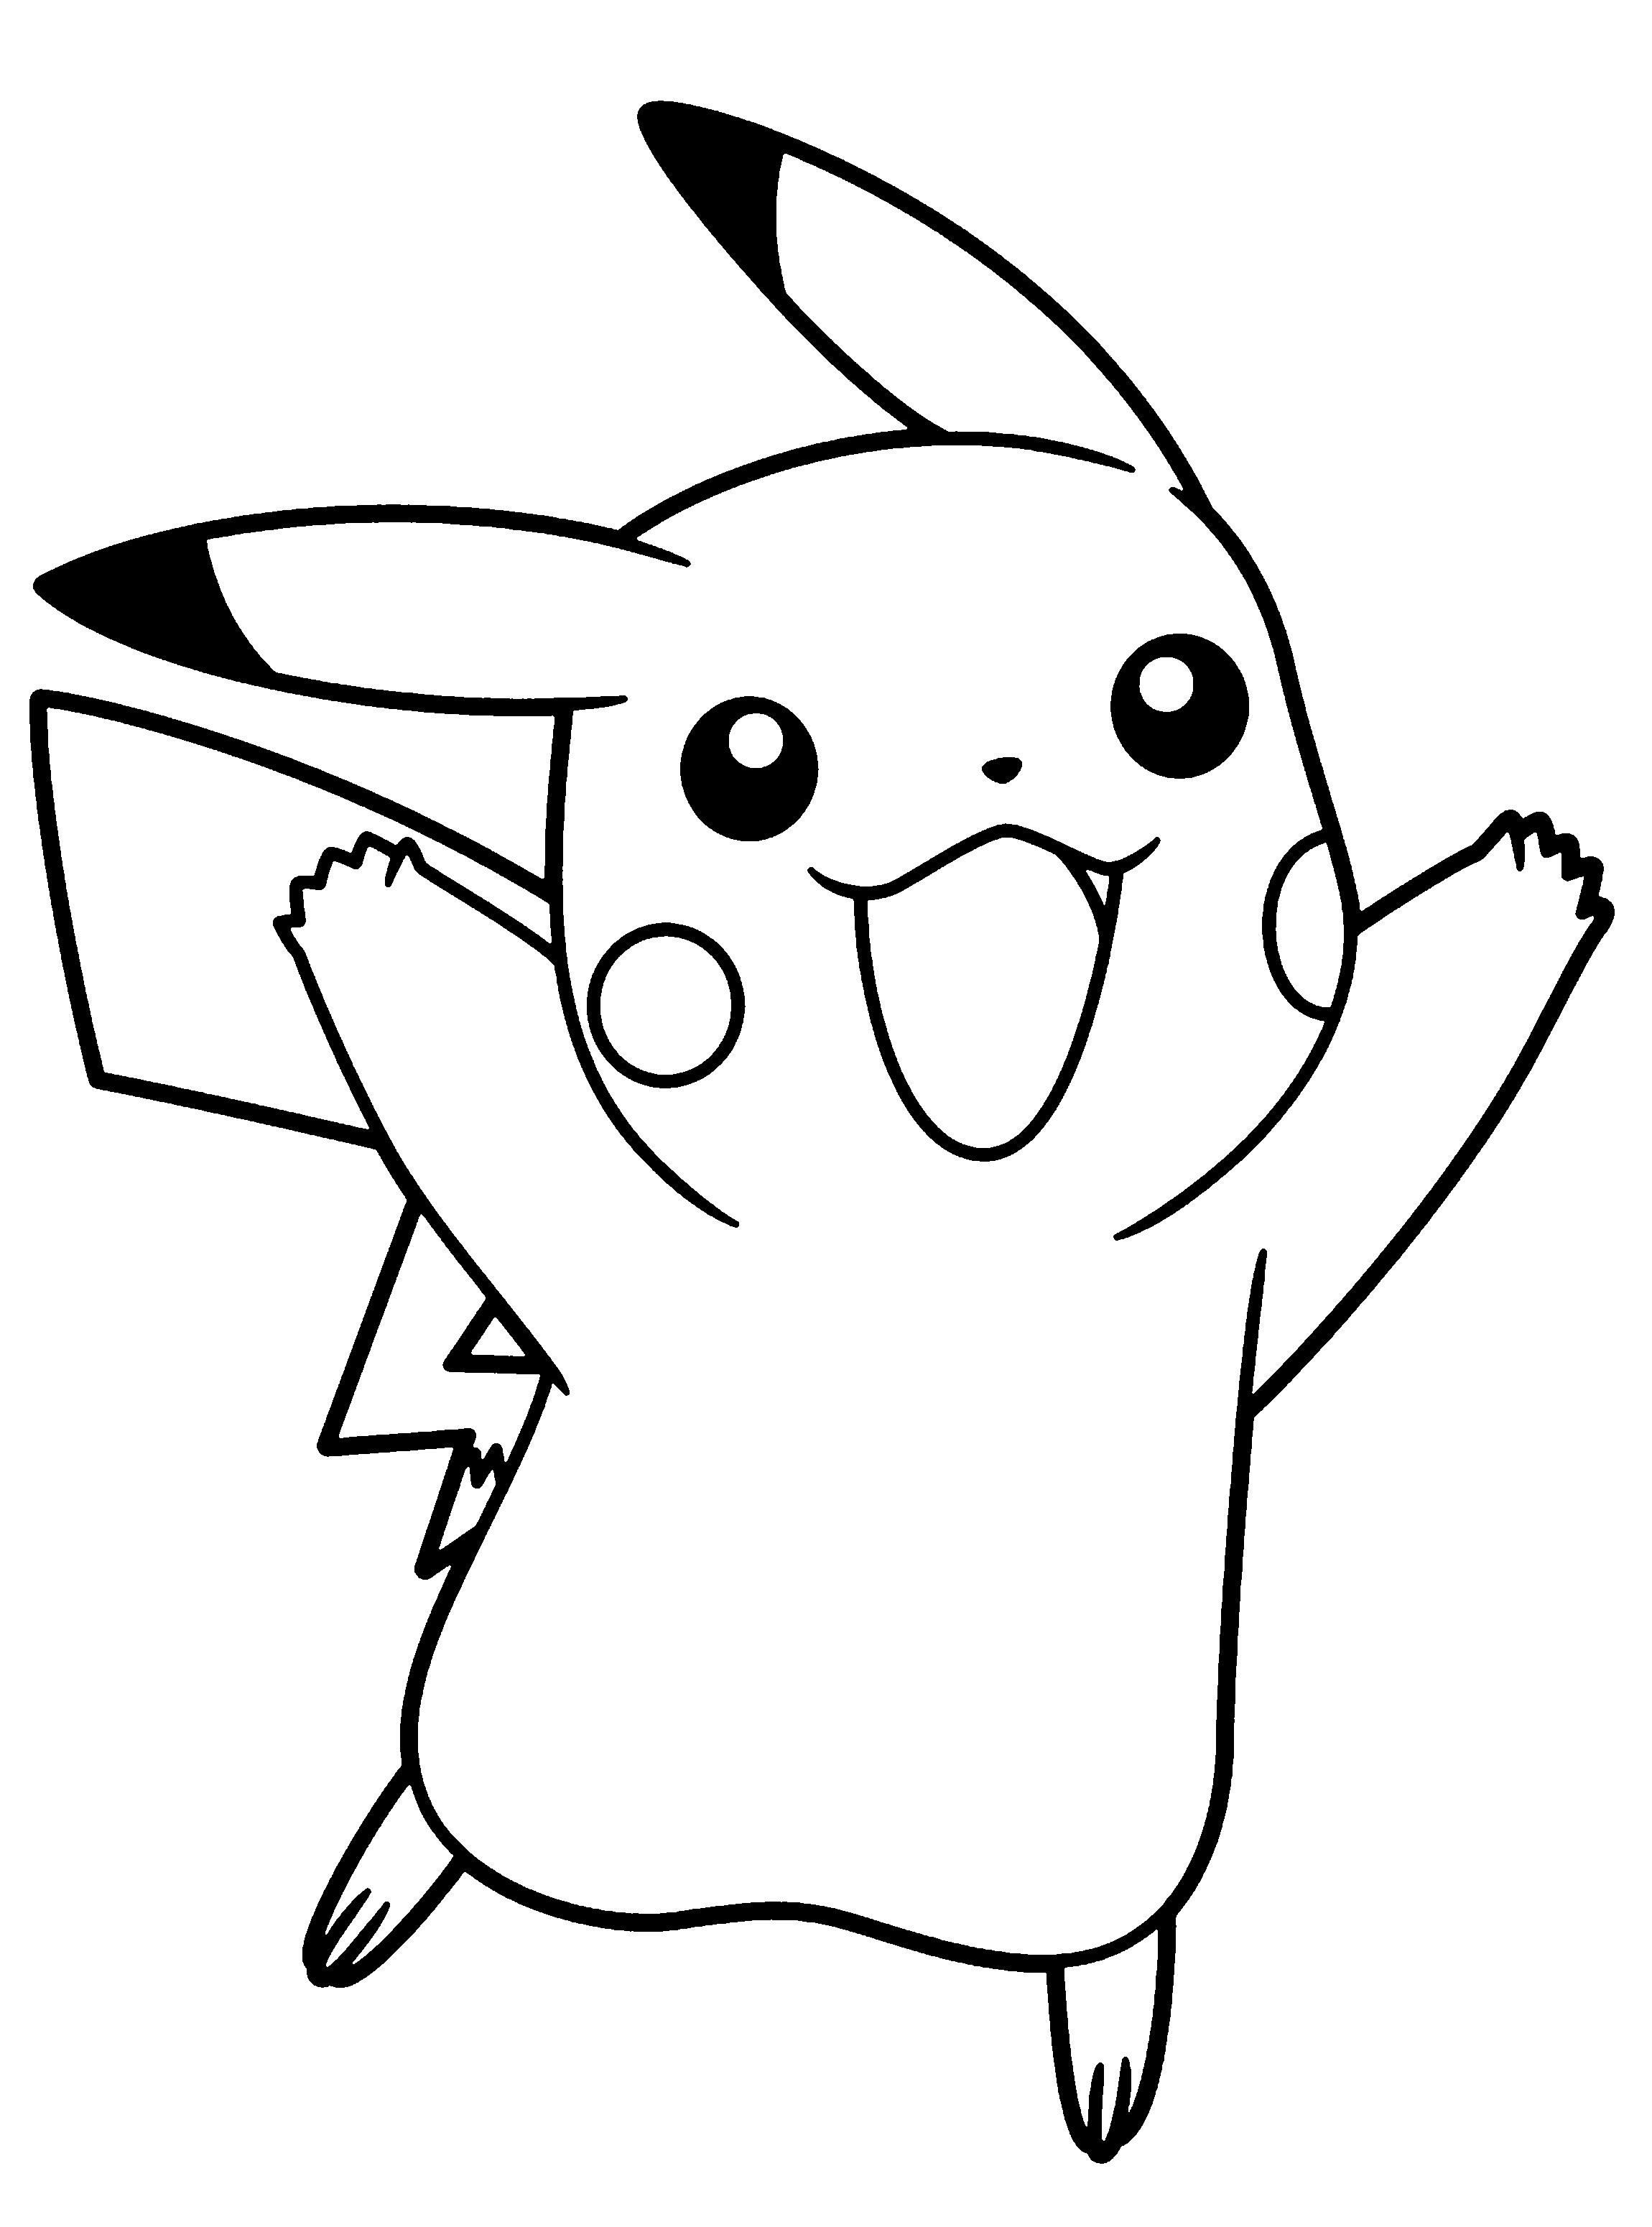 Pikachu Coloring Pages to Print   Desenho de tatuagem ...